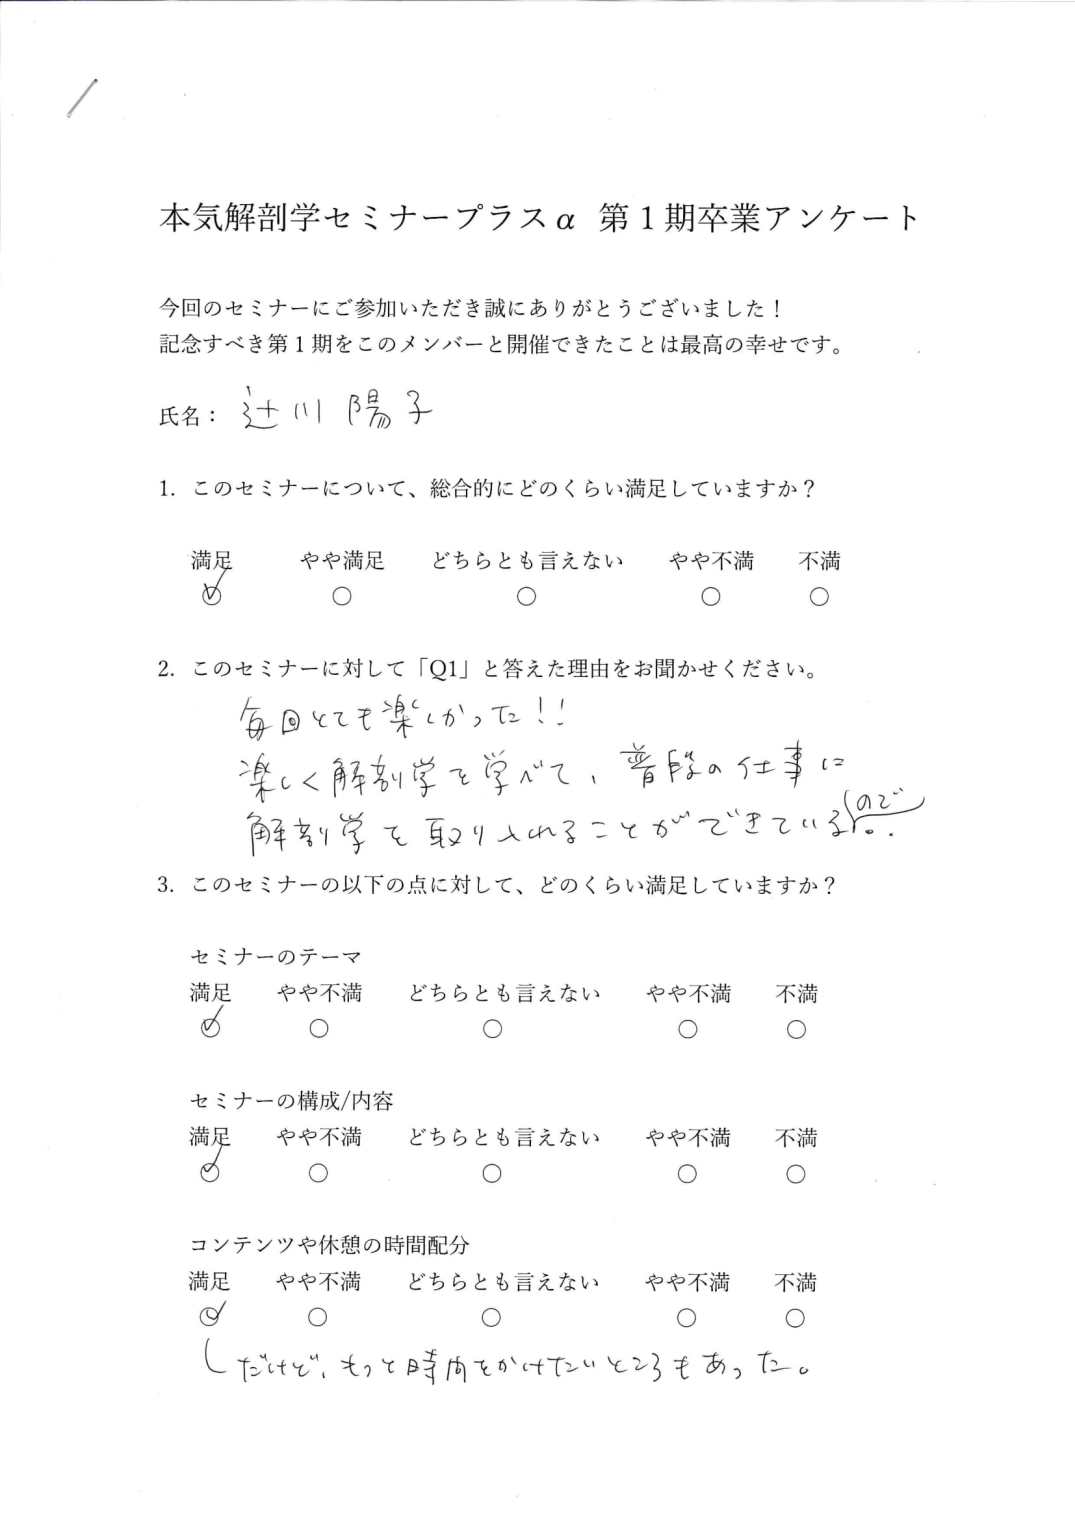 辻川さん 感想1-1